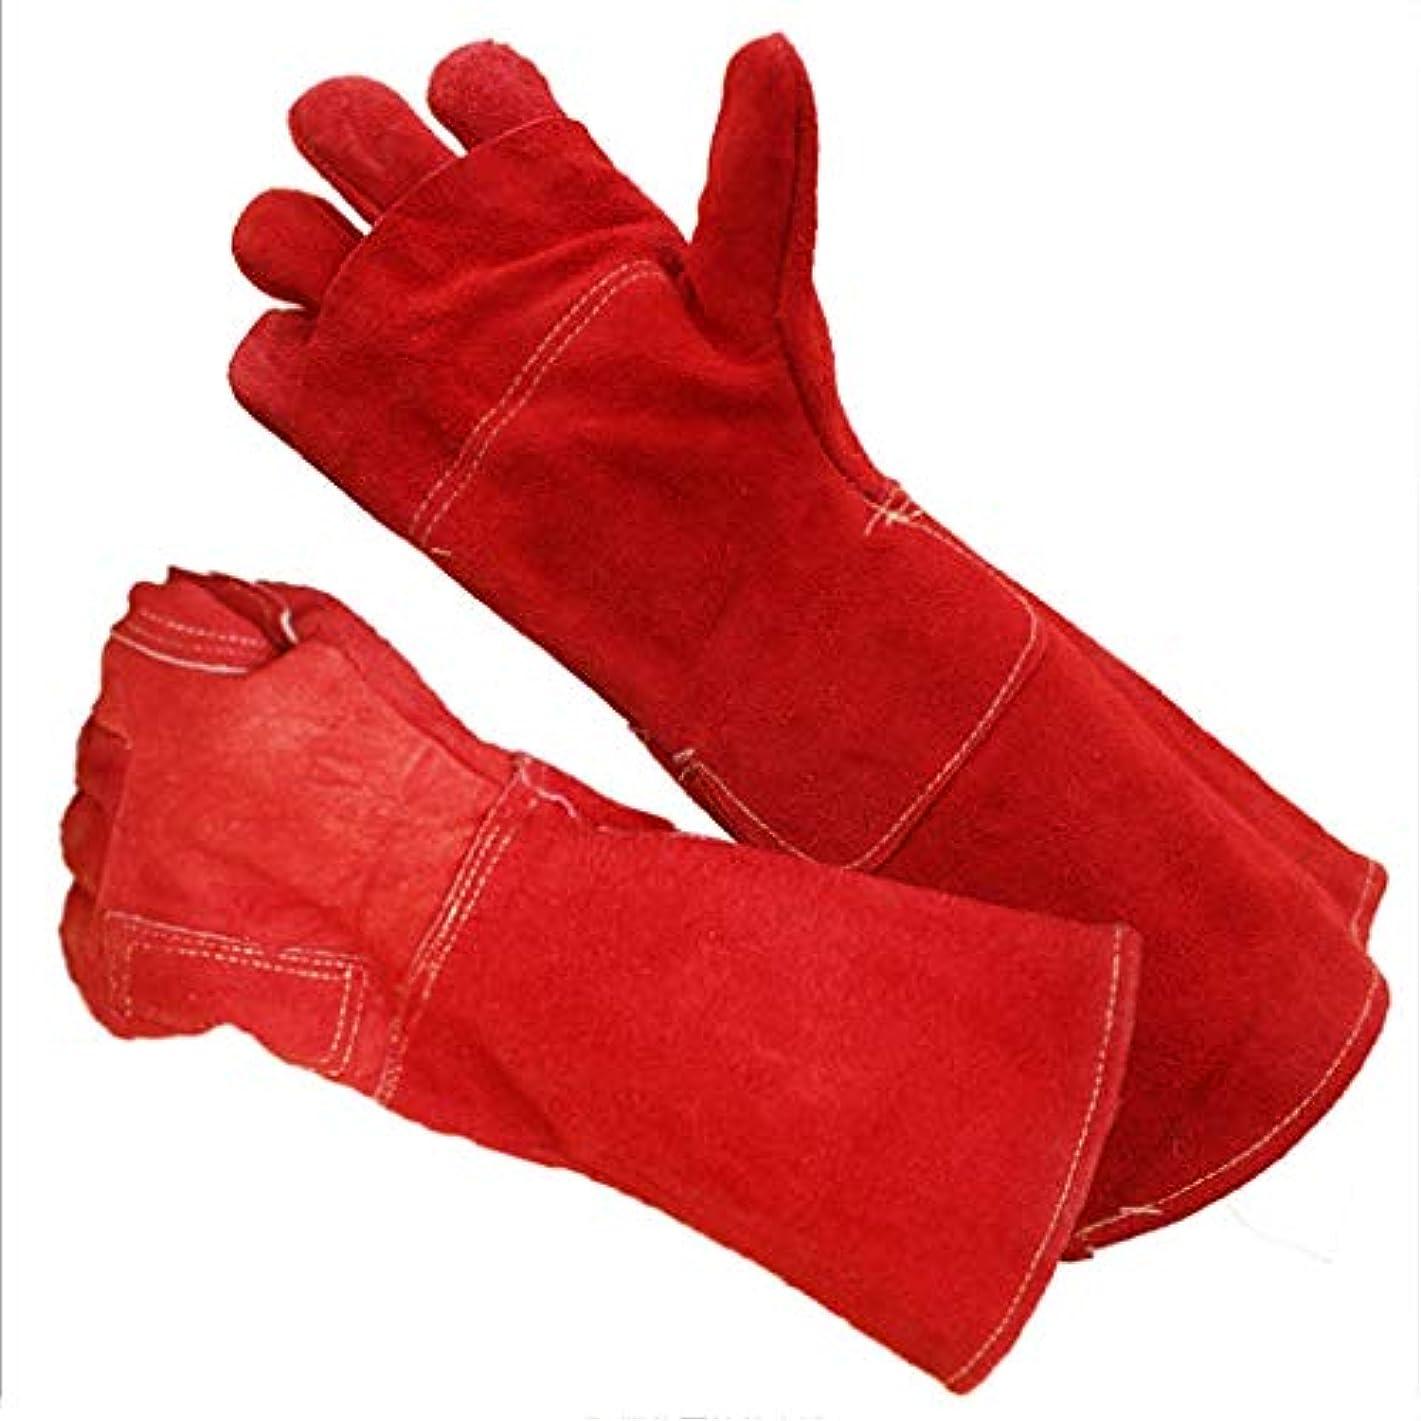 マルクス主義者高く離れたロングレザー電気溶接手袋耐熱抗 - やけど防止アンチバイト高温絶縁溶接溶接手袋42センチメートルレッドカラー